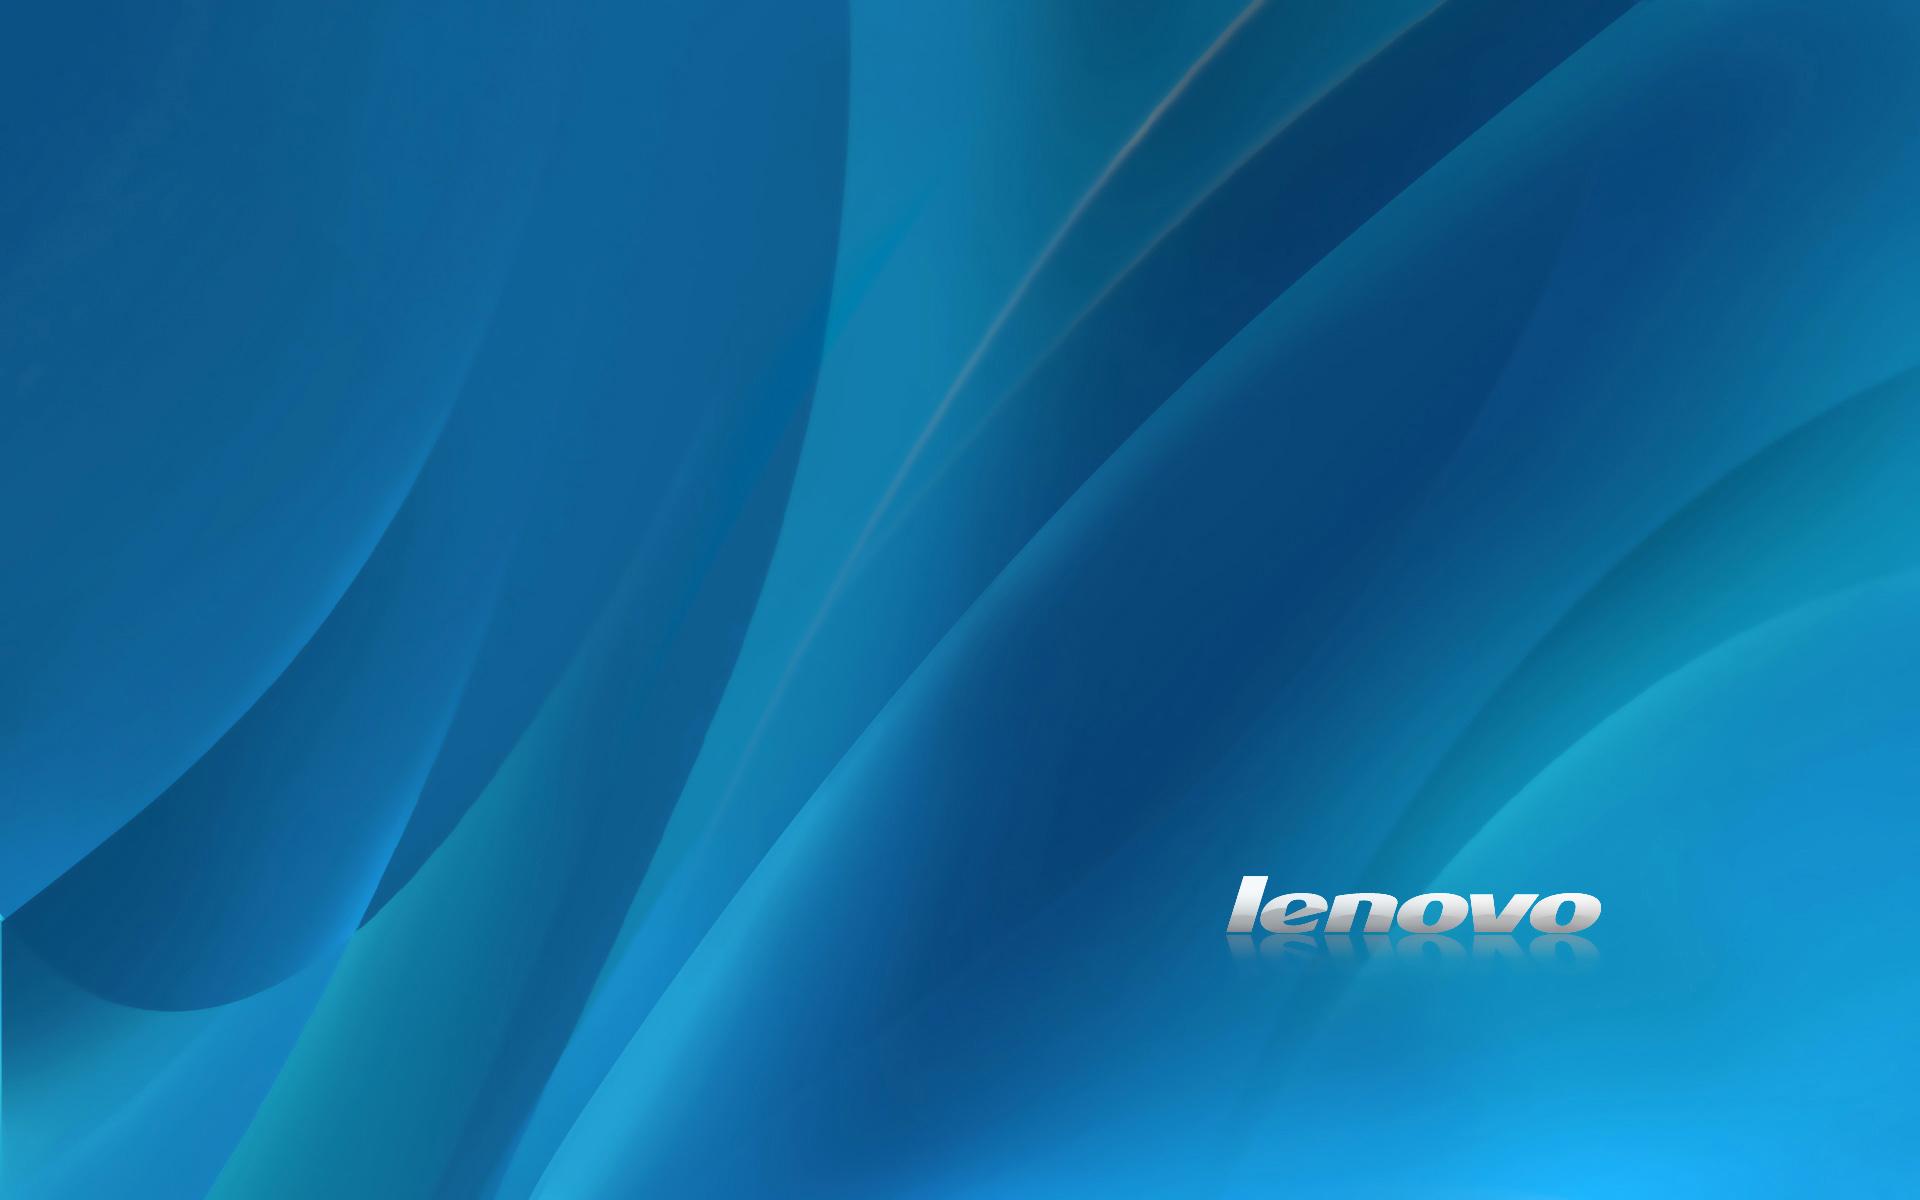 Lenovo Wallpapers 1920x1200